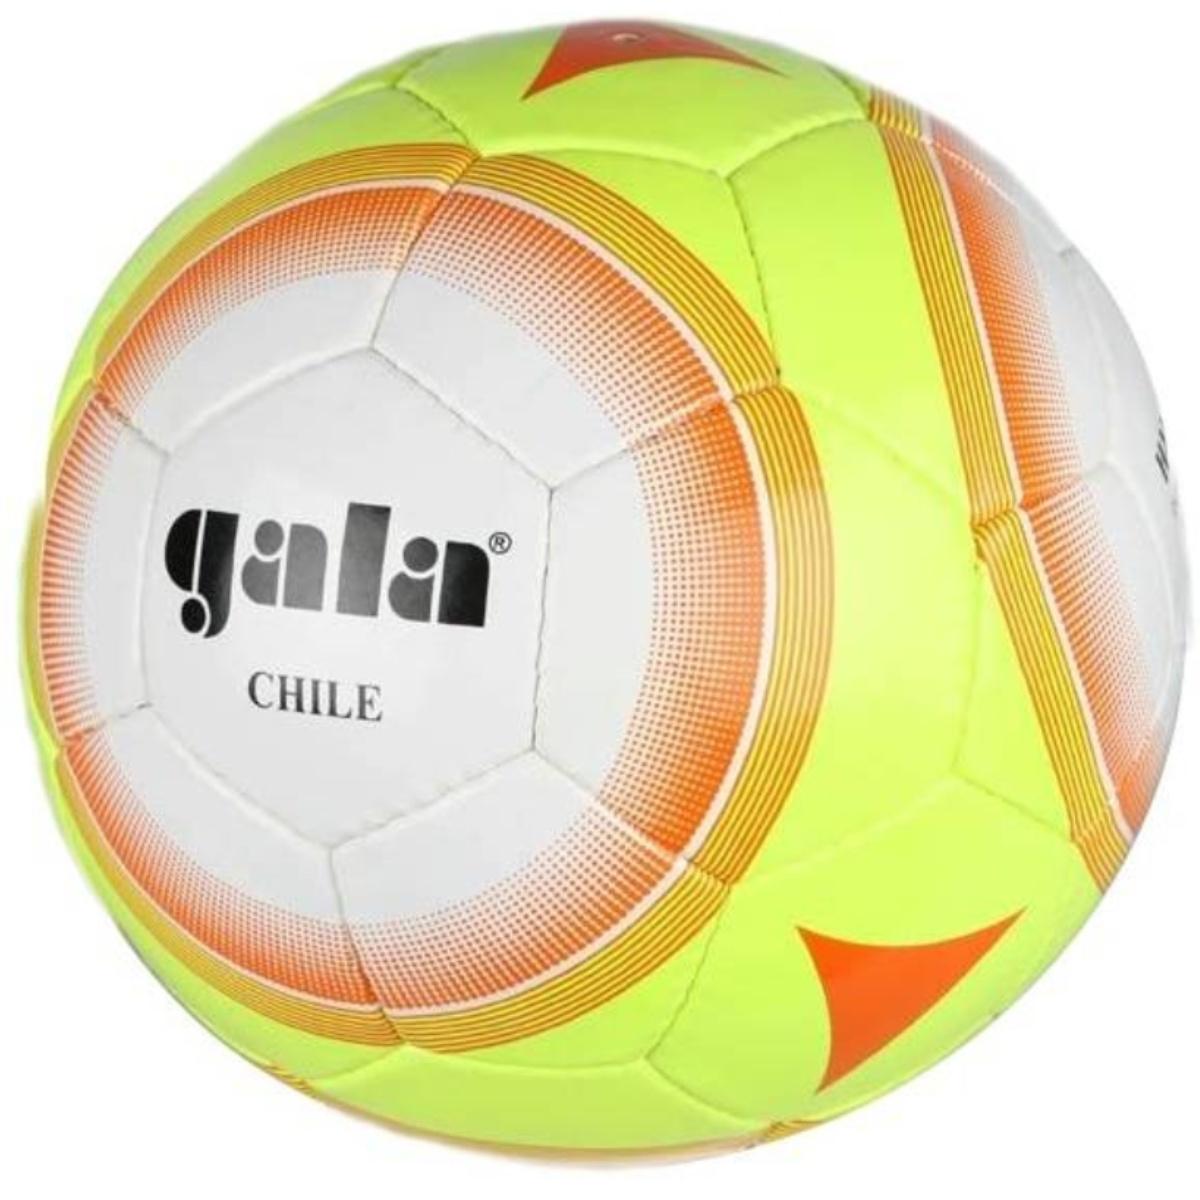 Fotbalový míč GALA Chile BF4083S